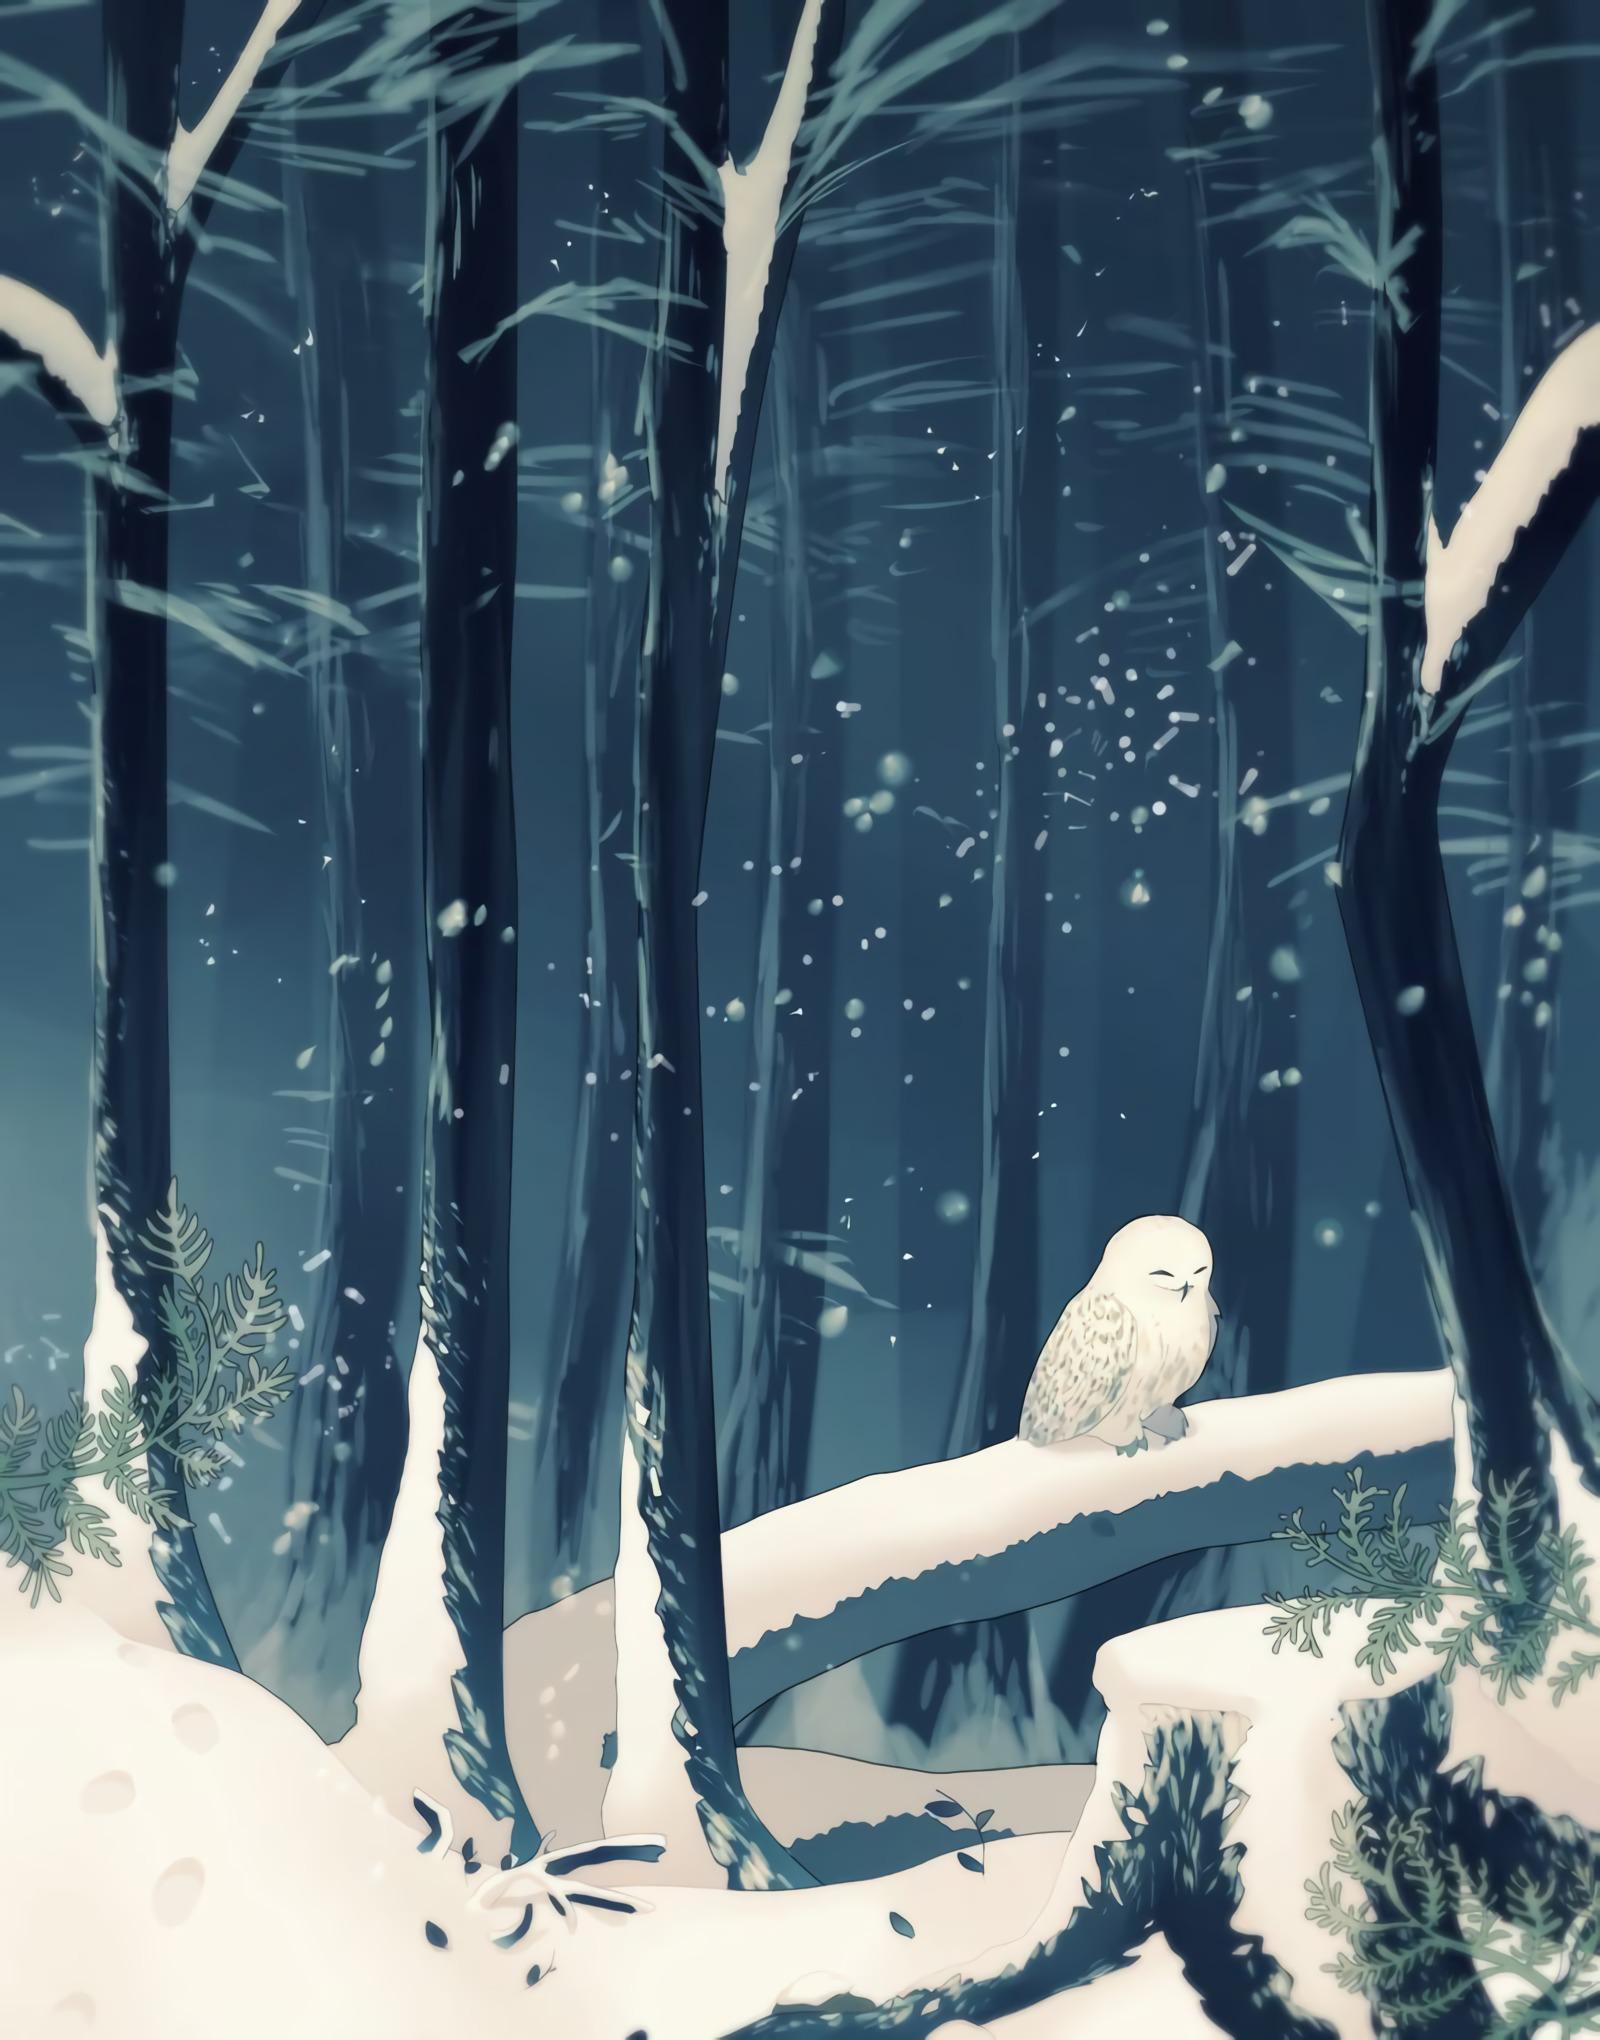 117396 скачать обои Лес, Сова, Арт, Снег, Зима - заставки и картинки бесплатно